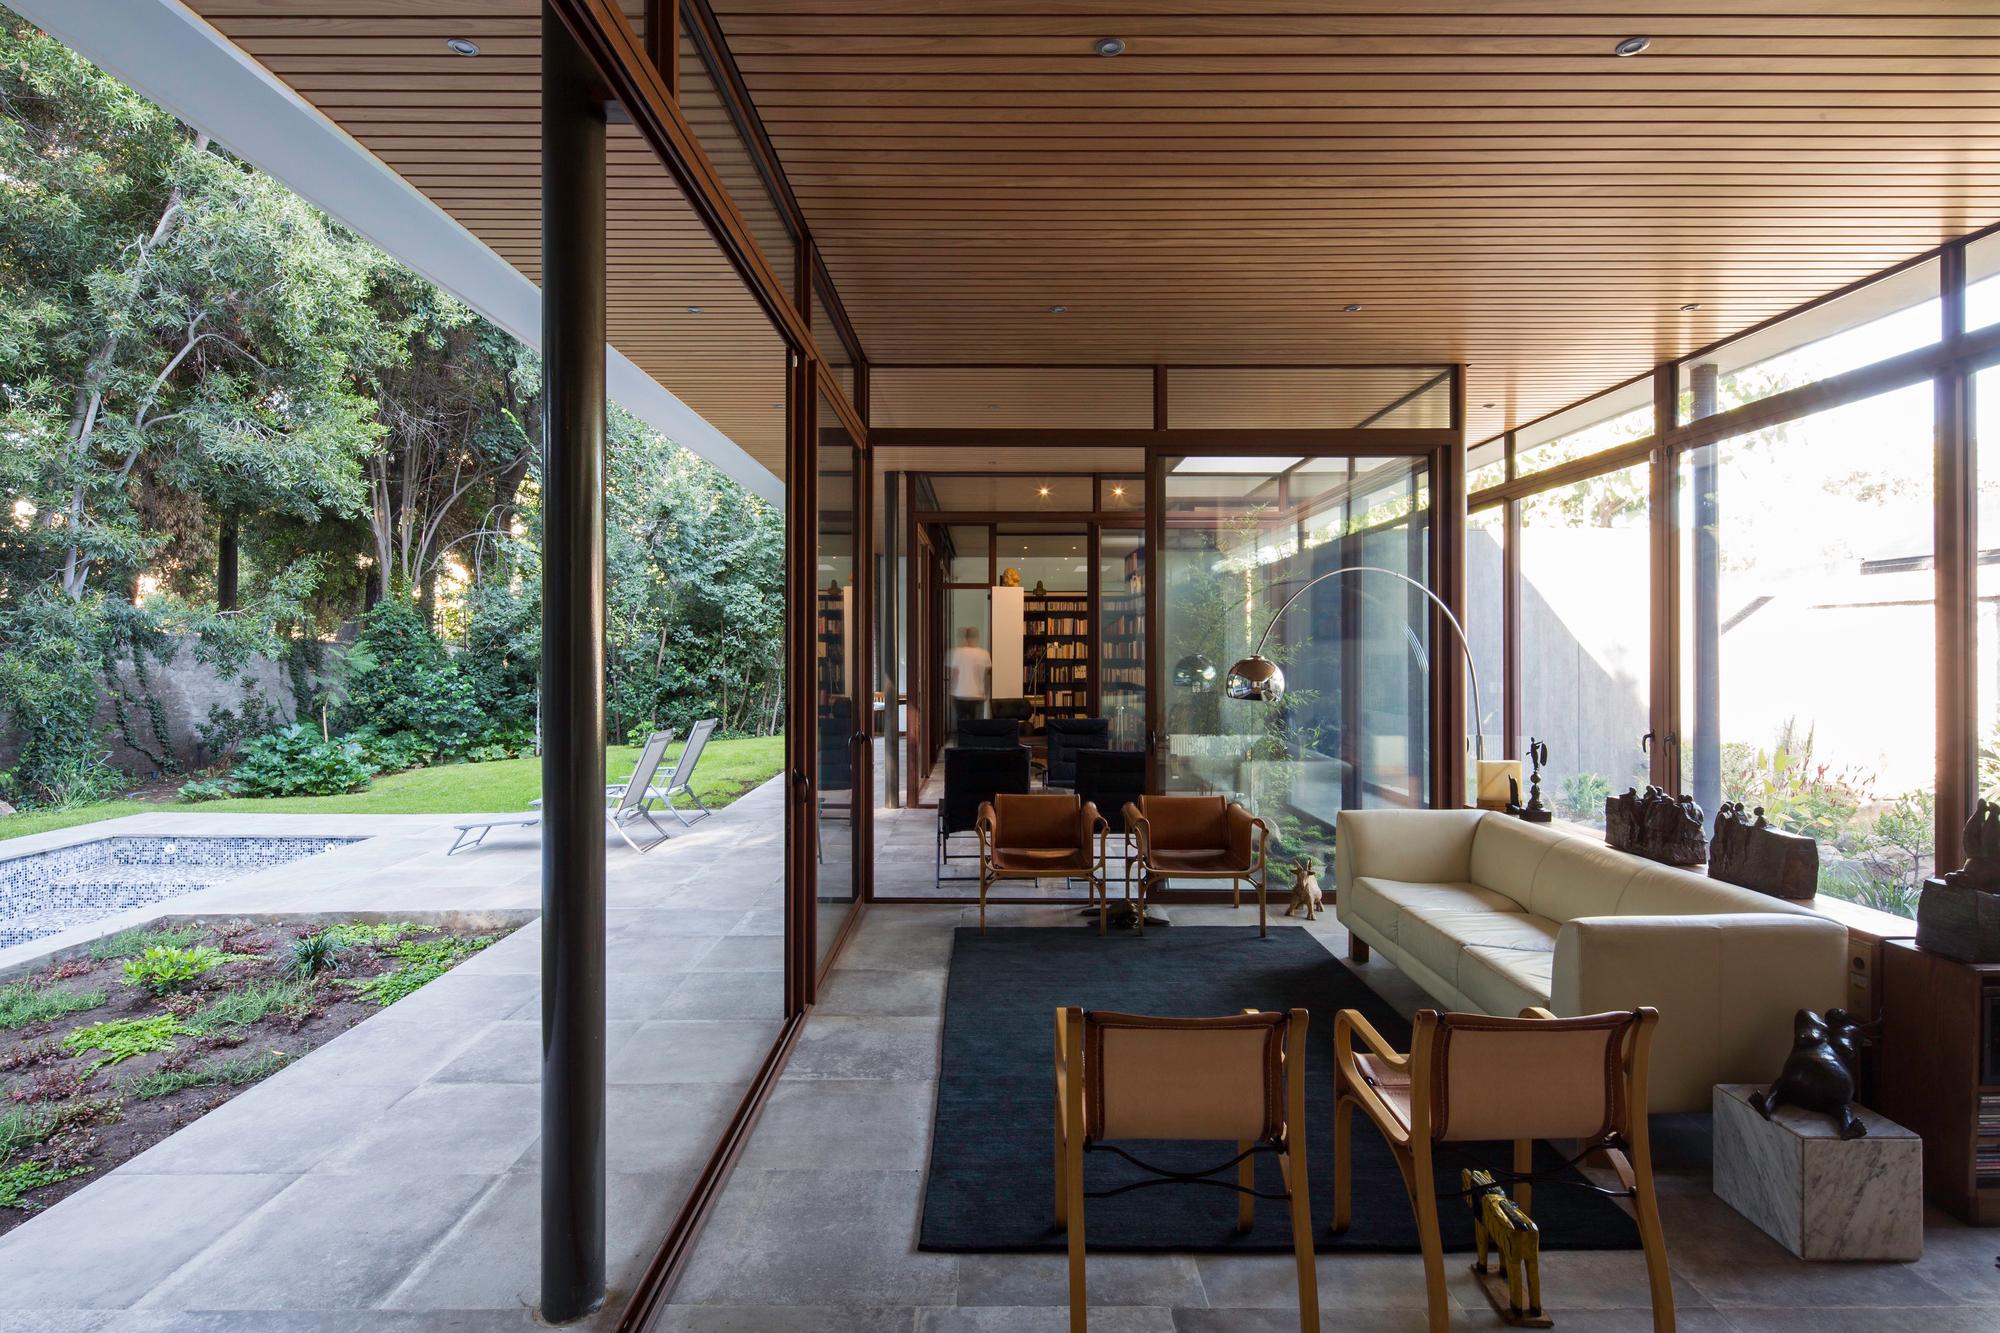 La casa y los arboles iglesis arquitectos plataforma for Casa de arquitectos